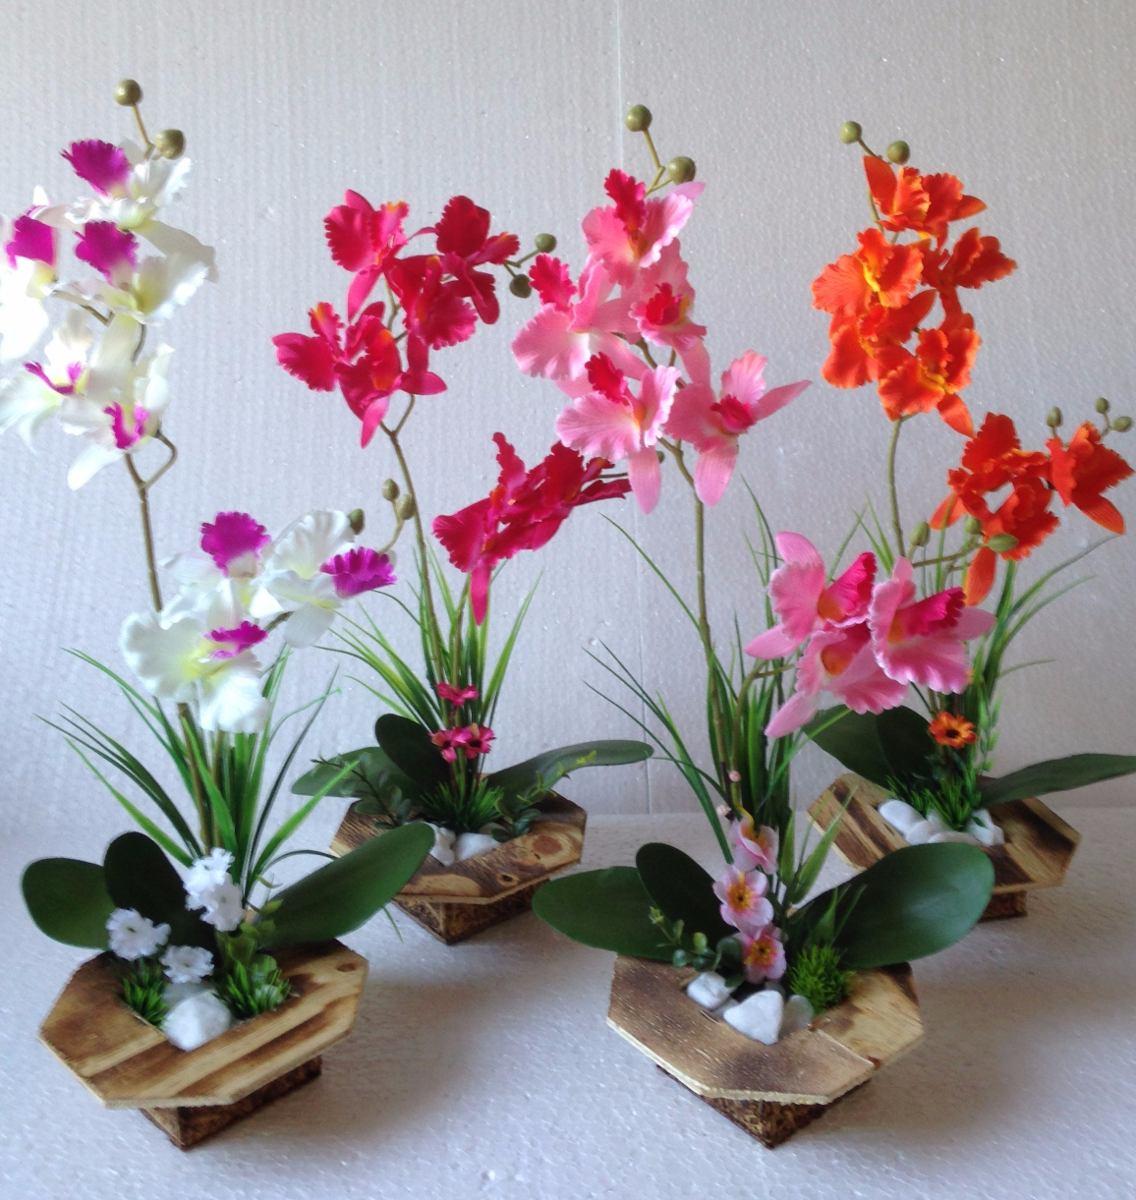 #AB2026 Arranjo De Orquídea Artificial Vaso De Madeira R$ 39 00 em Mercado  1136x1200 px caixas de madeira para orquideas @ bernauer.info Móveis Antigos Novos E Usados Online